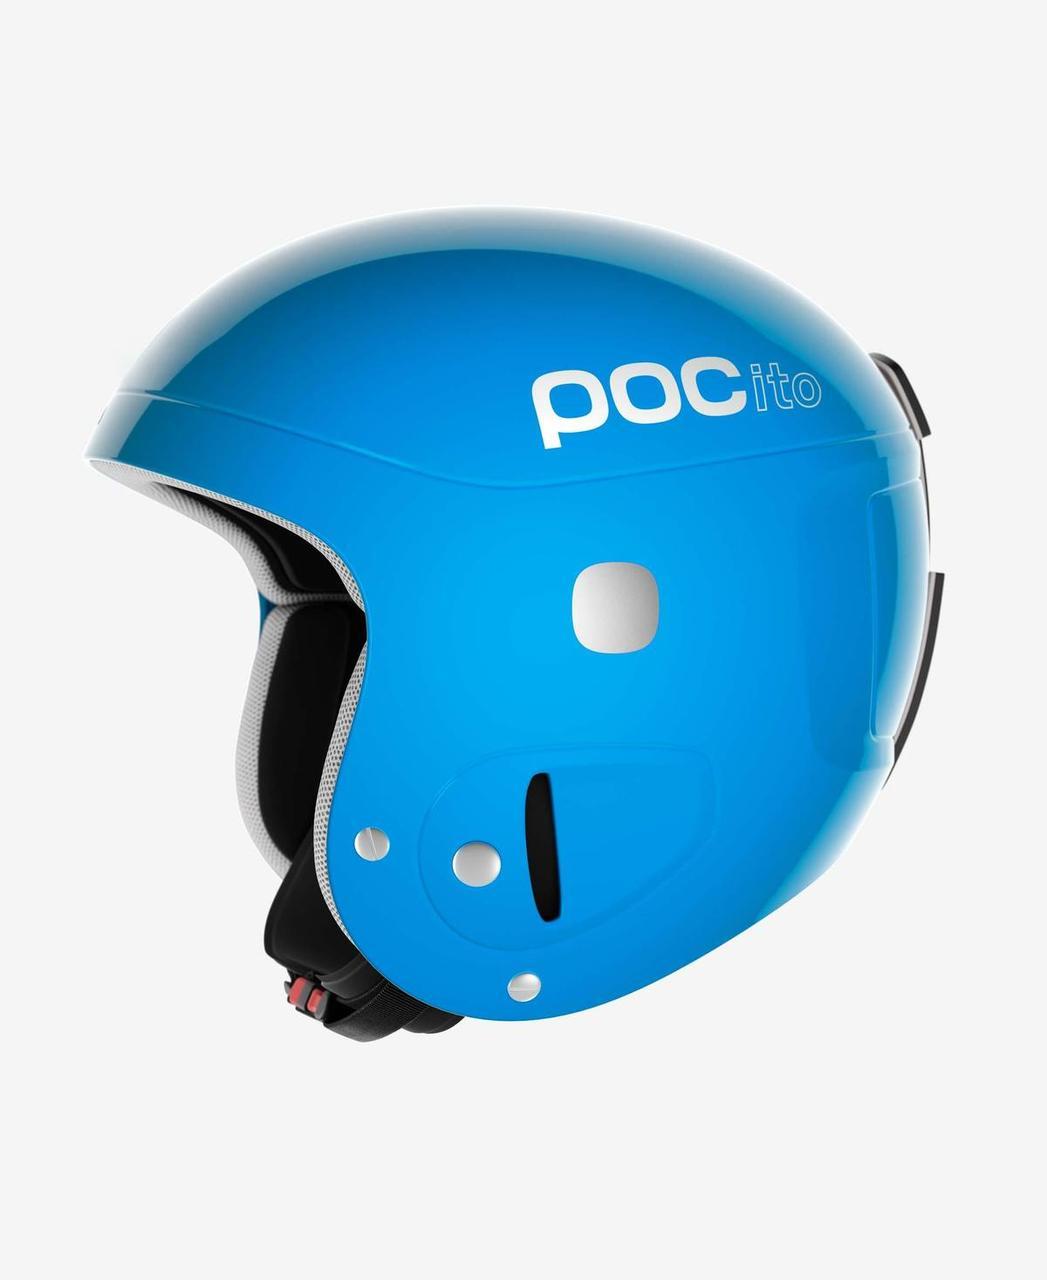 POCito Skull шолом гірськолижний (Fluorescent Blue, Adjustable)